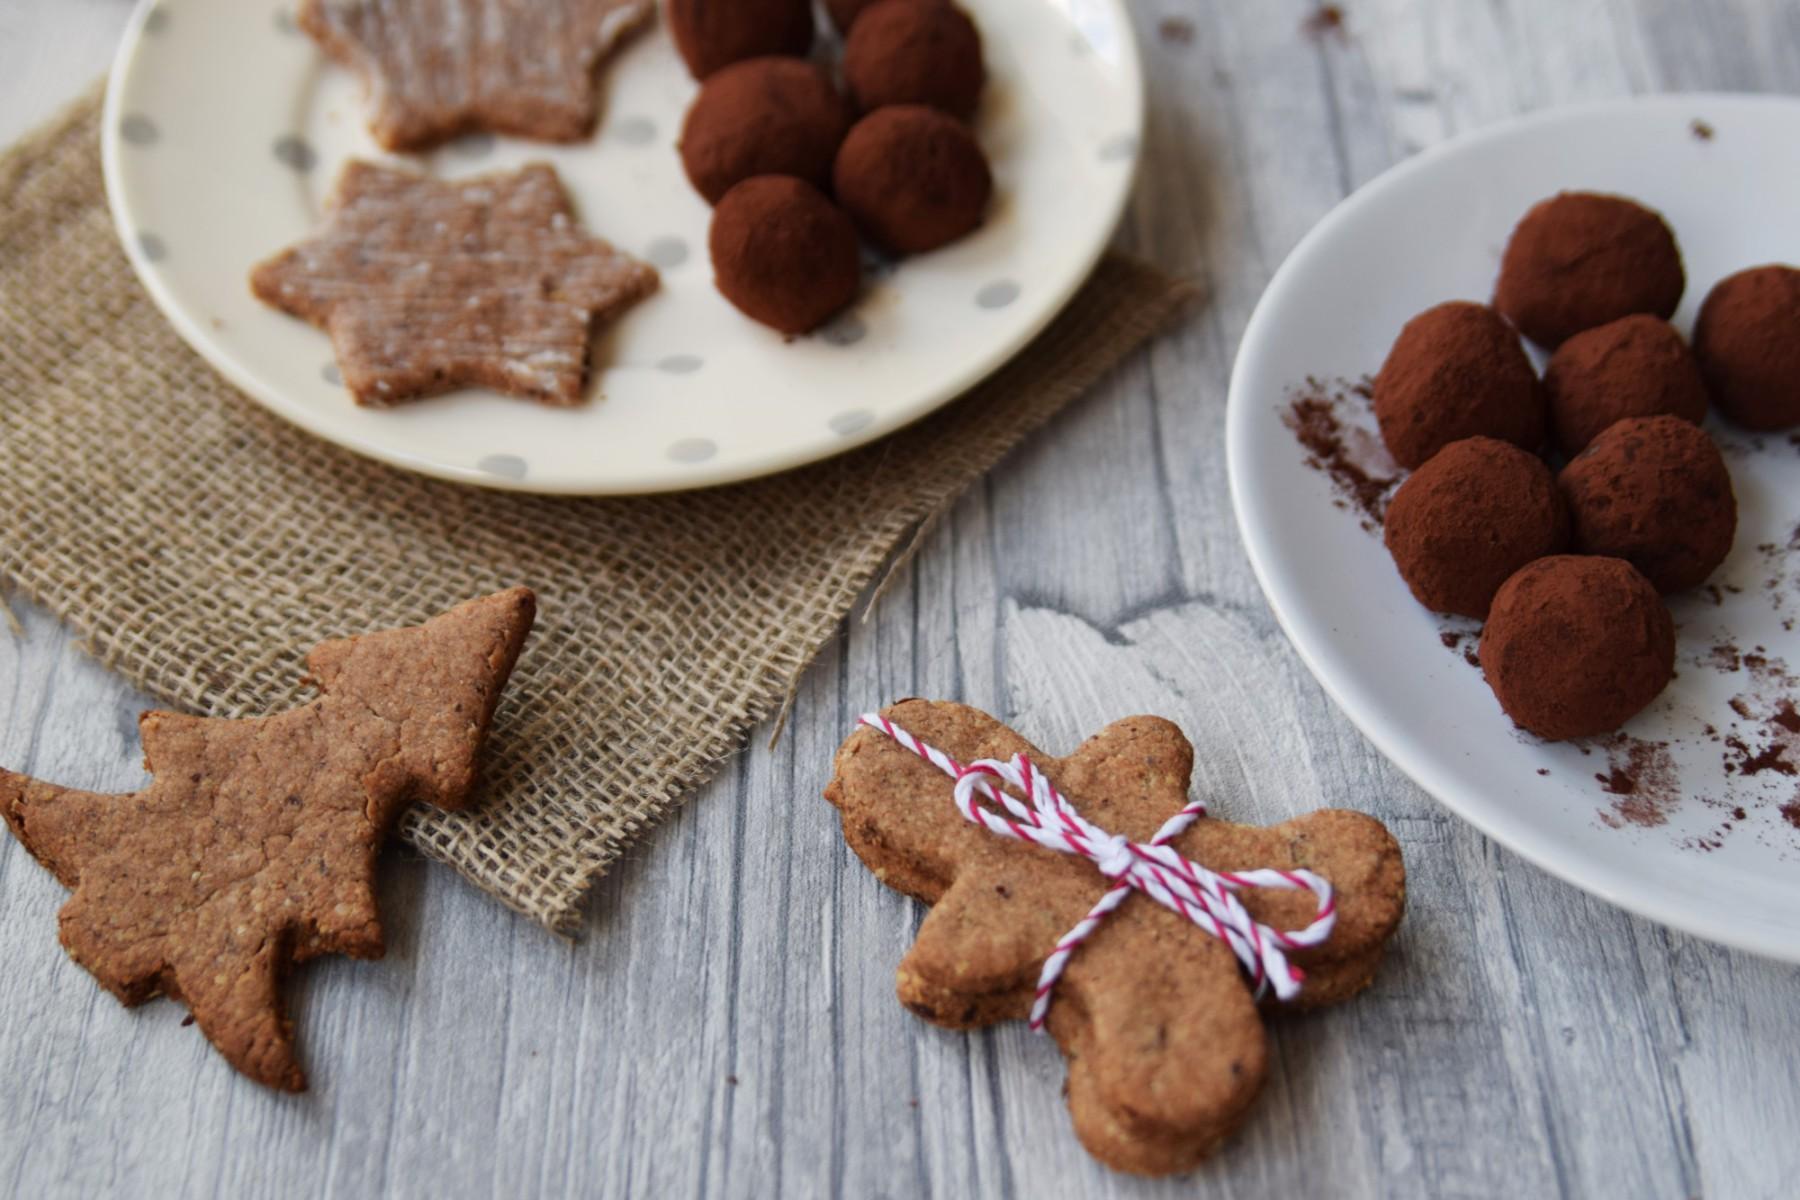 Leichte Plätzchen Rezepte Weihnachten.Gesunde Plätzchen Meine Rettung Für Einen Zuckerfreien Advent